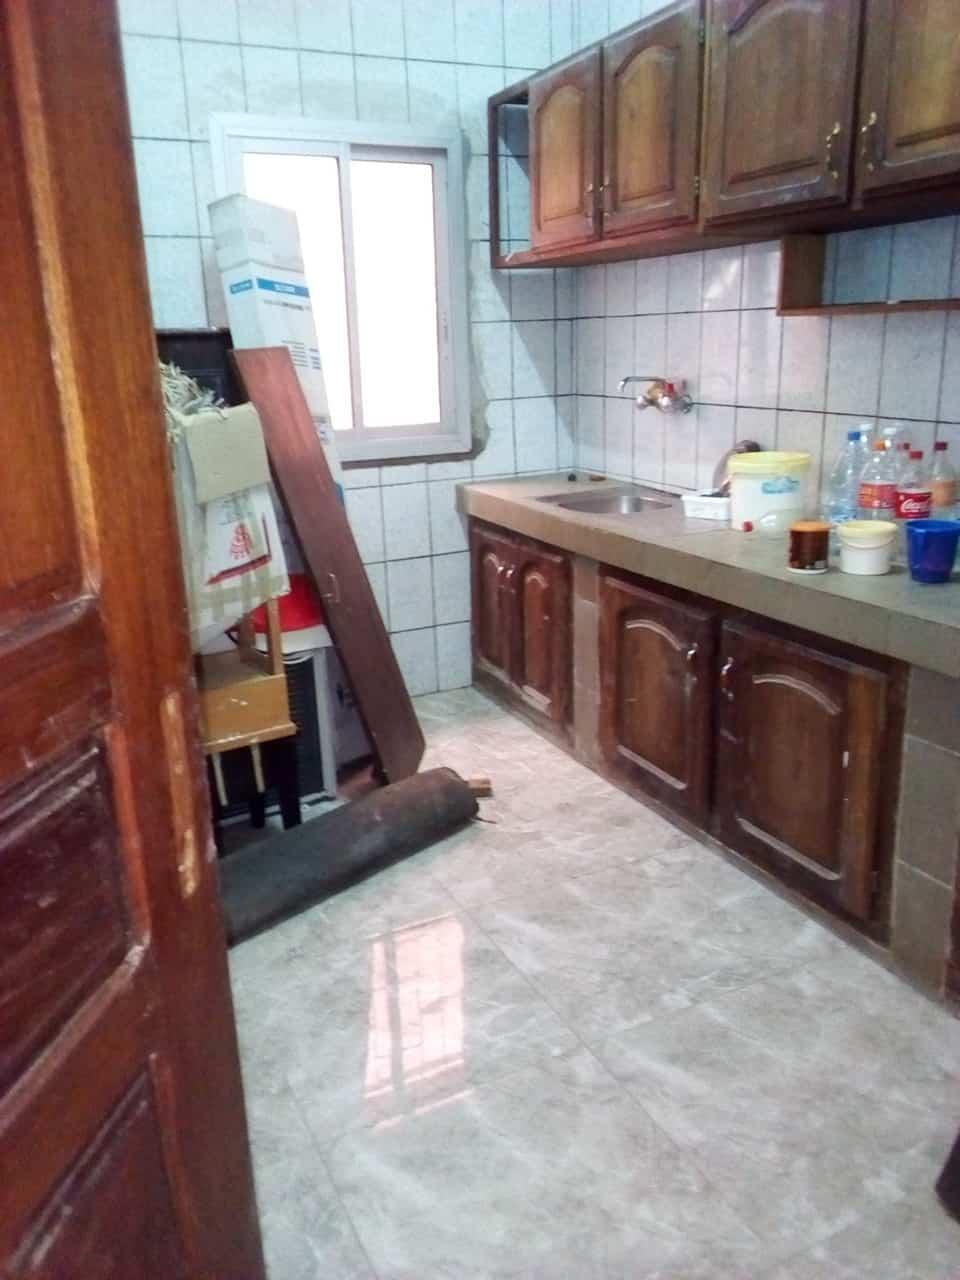 House (Villa) to rent - Yaoundé, Bastos, pas loin du black - 1 living room(s), 4 bedroom(s), 3 bathroom(s) - 1 200 000 FCFA / month